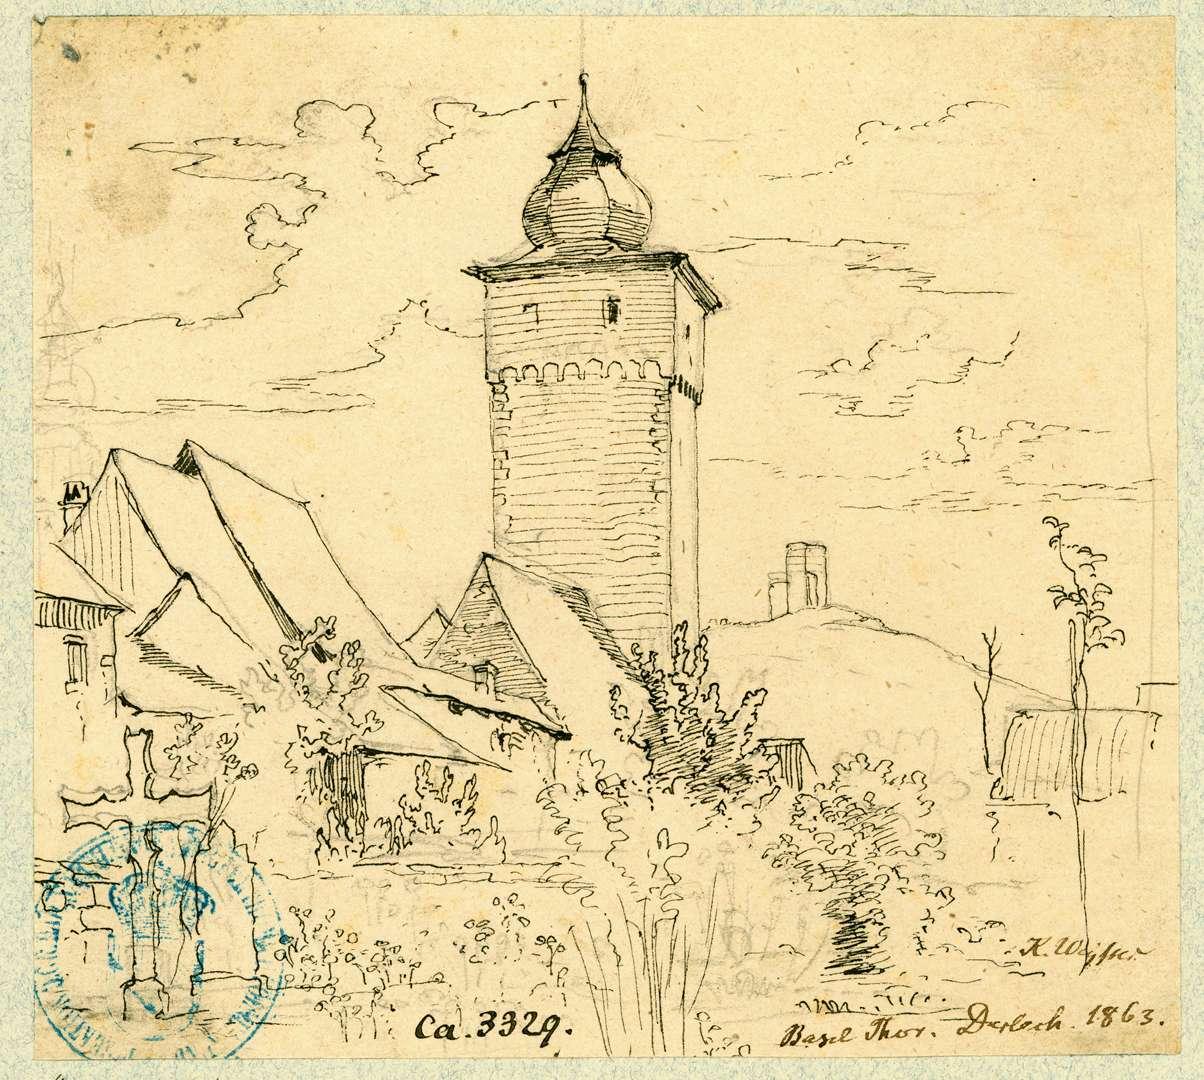 Durlach Basler Tor von Nordwesten mit Turmberg im Hintergrund, Bild 1